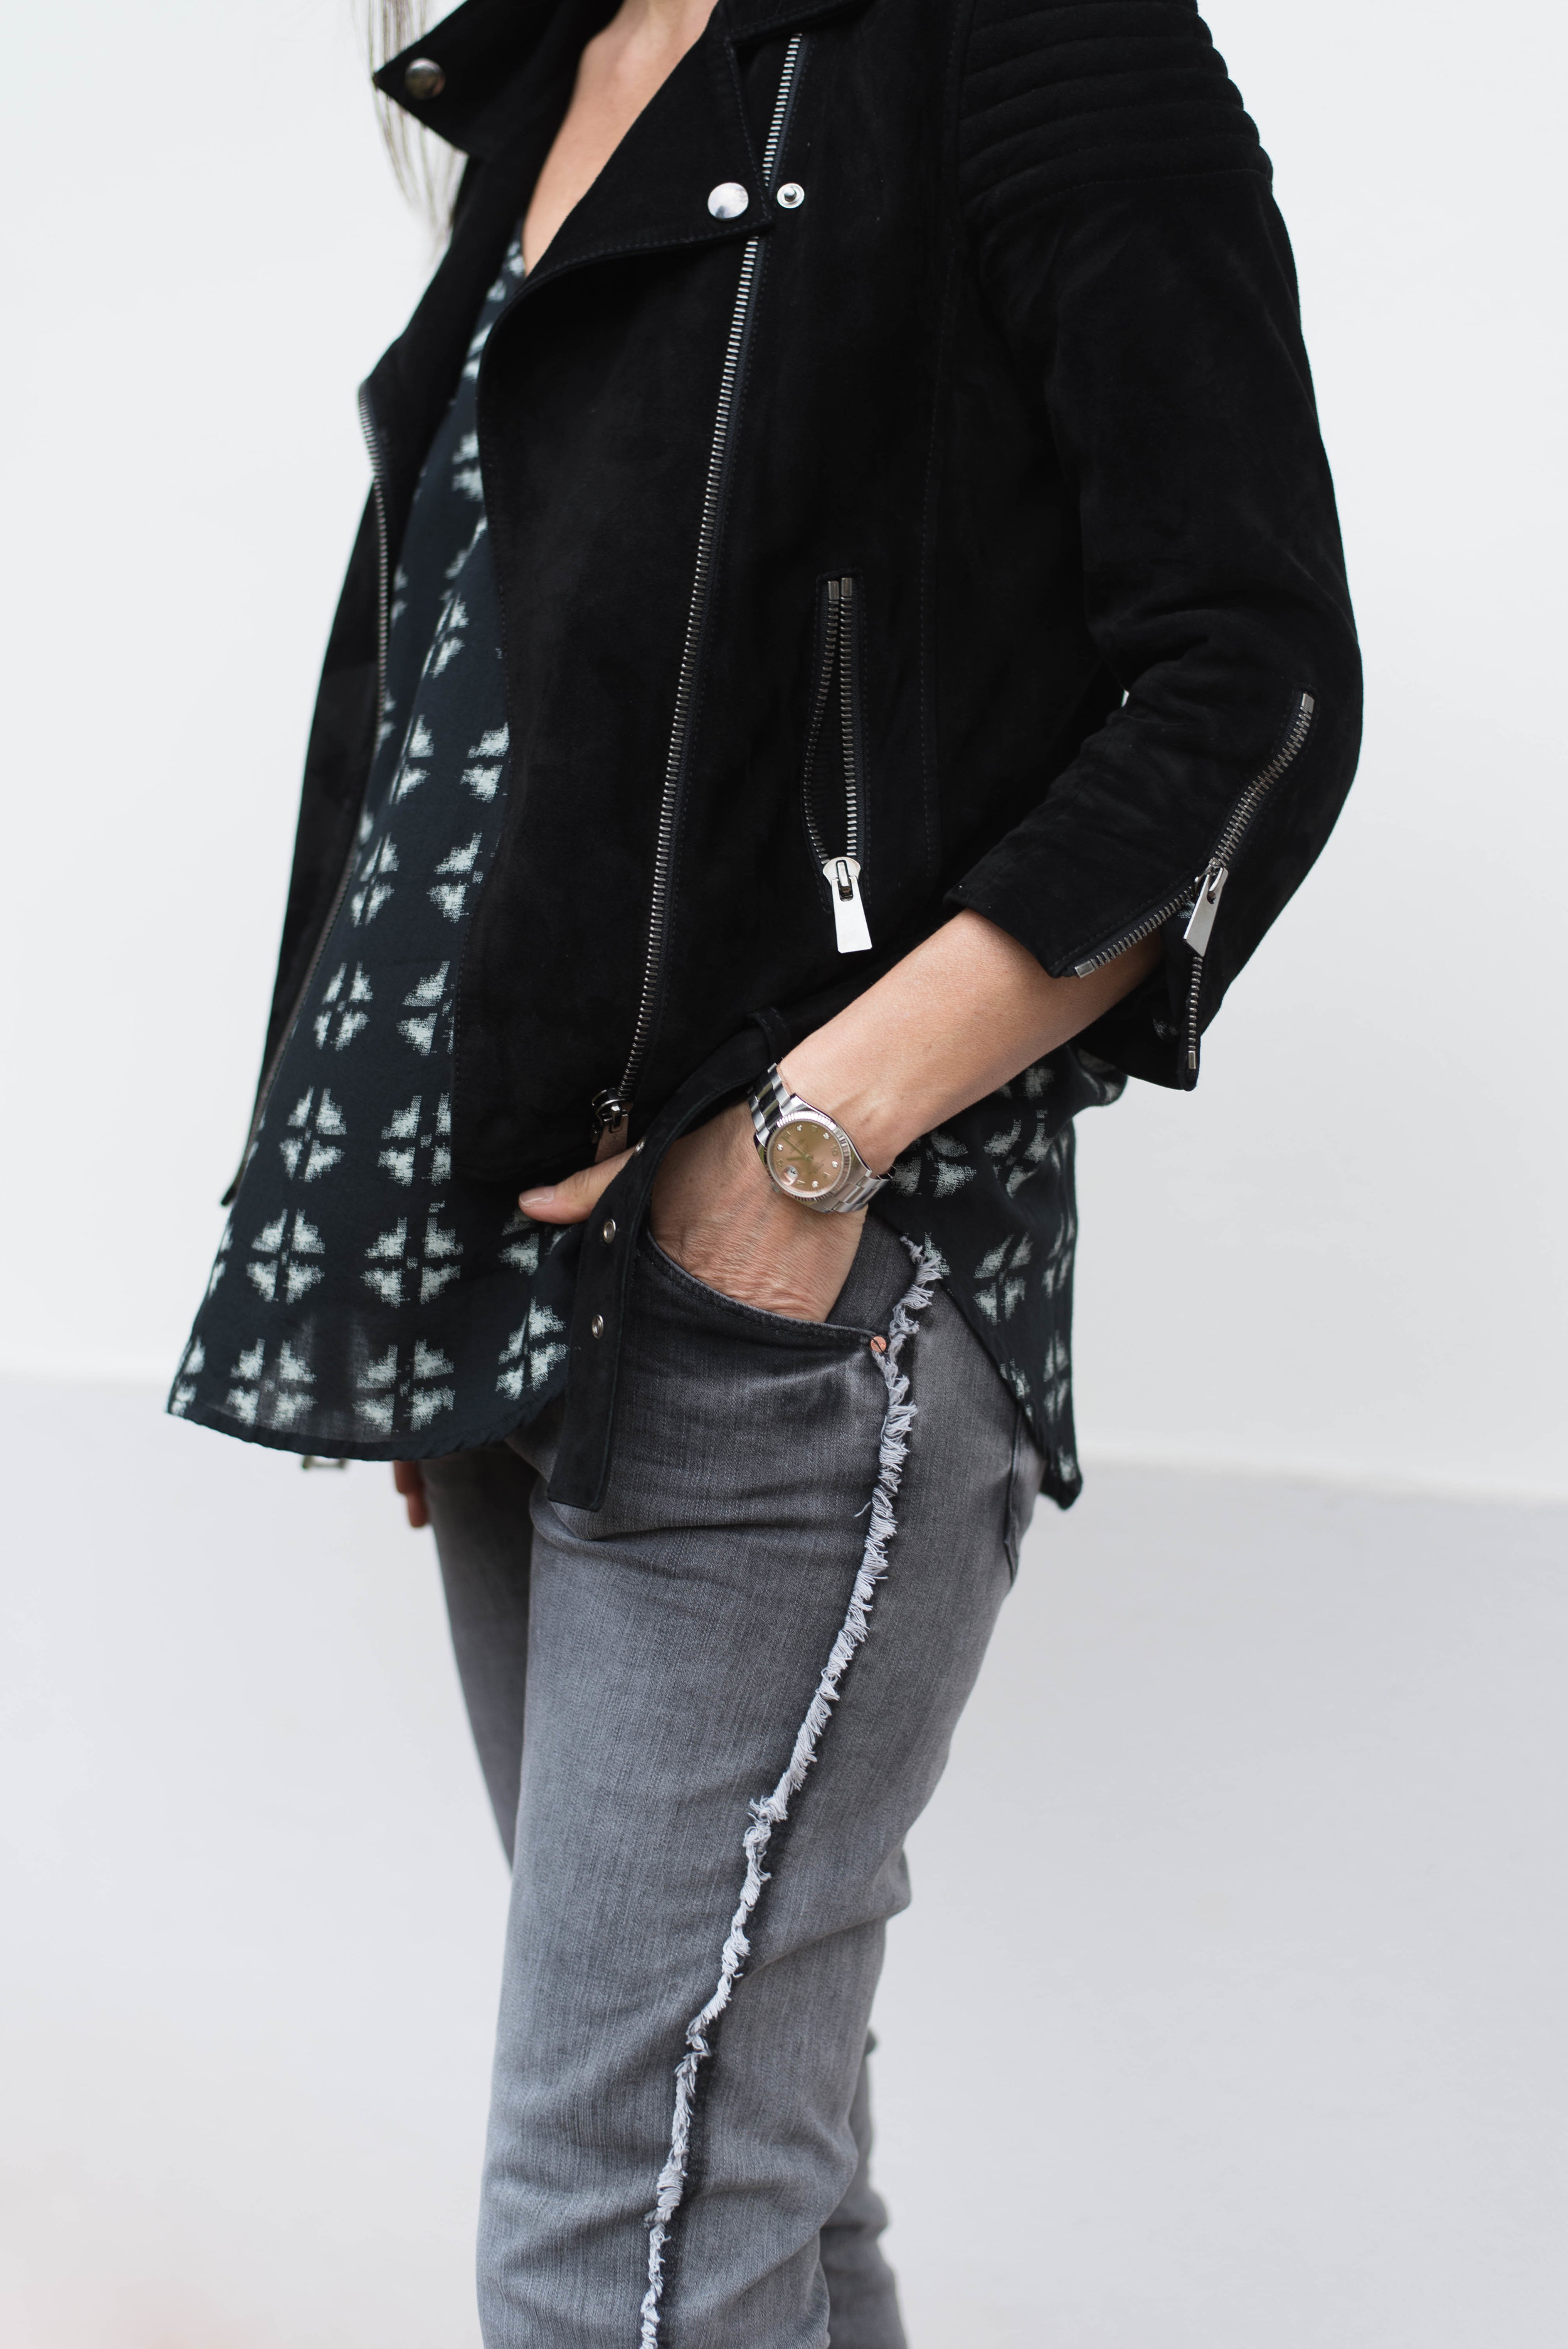 BeFifty Blog für Frauen über 50 Fashion DAWN Jeans Nachhaltige und faire Mode mit DAWN Tipps für Frauen über 40 und 50. Blog BeFifty Beate Finken